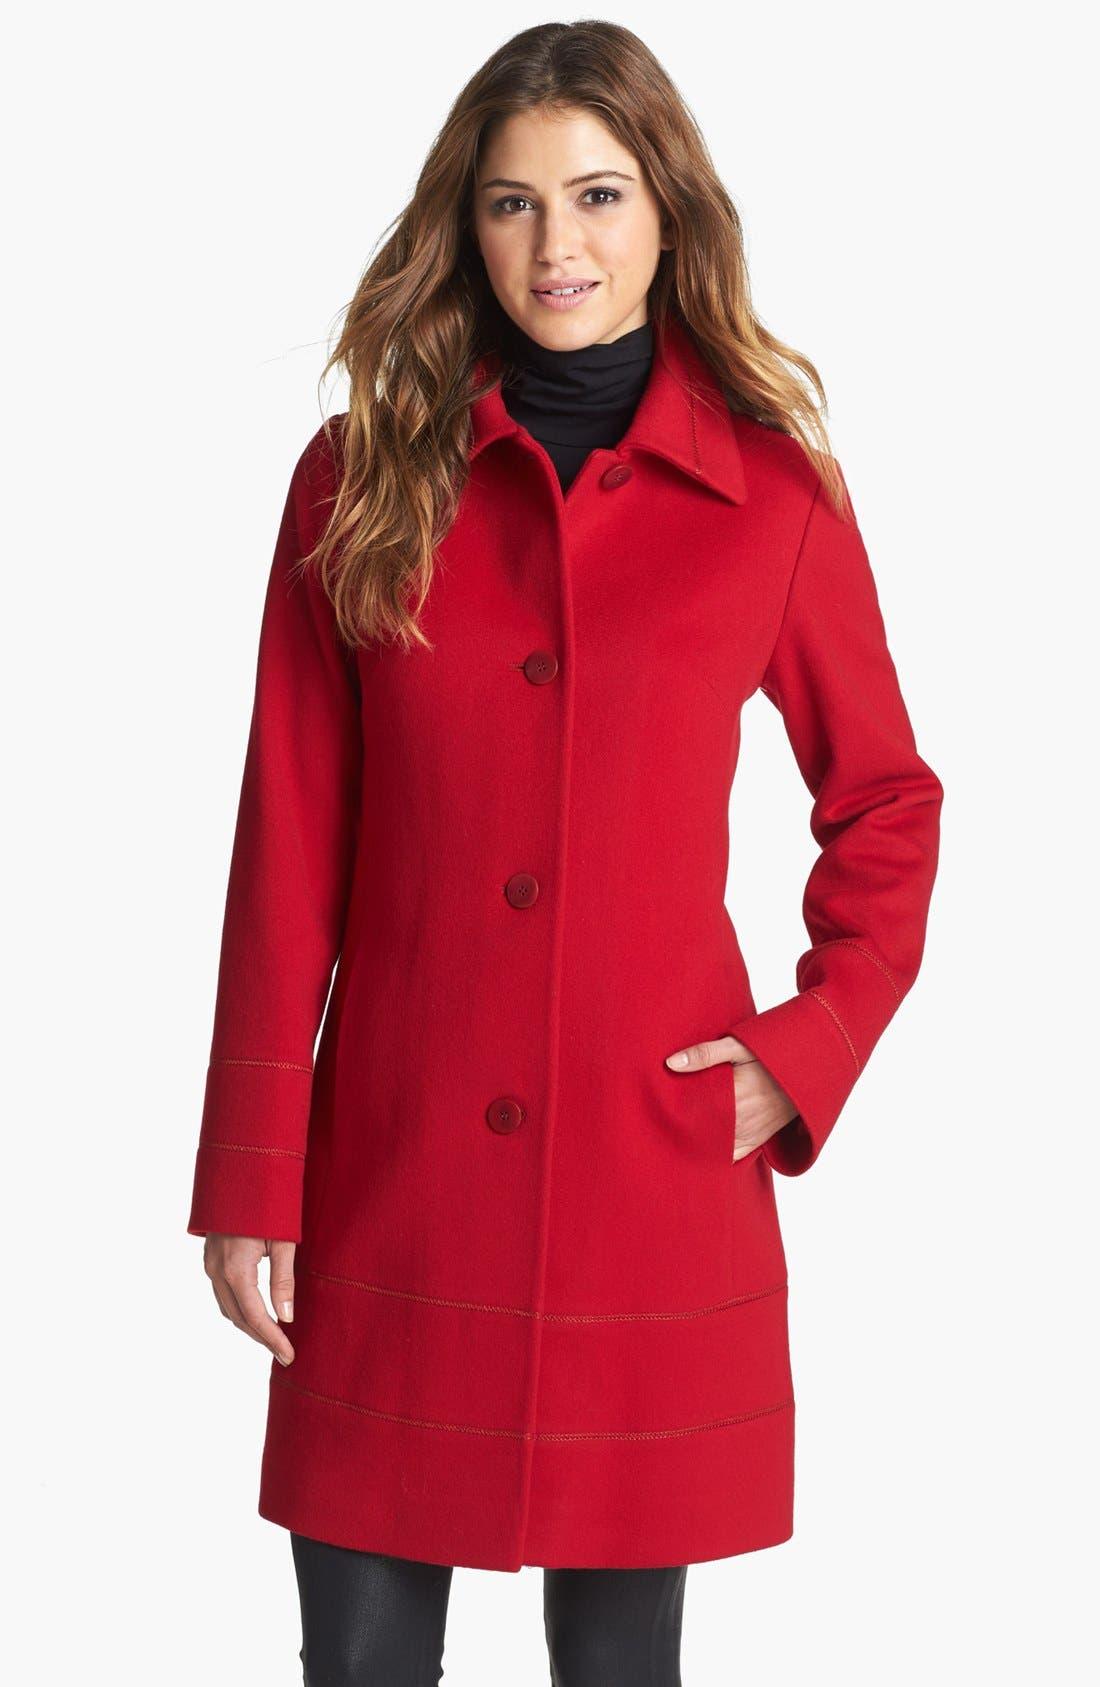 Main Image - Fleurette Stitch Trim Loro Piana Wool Coat (Petite)